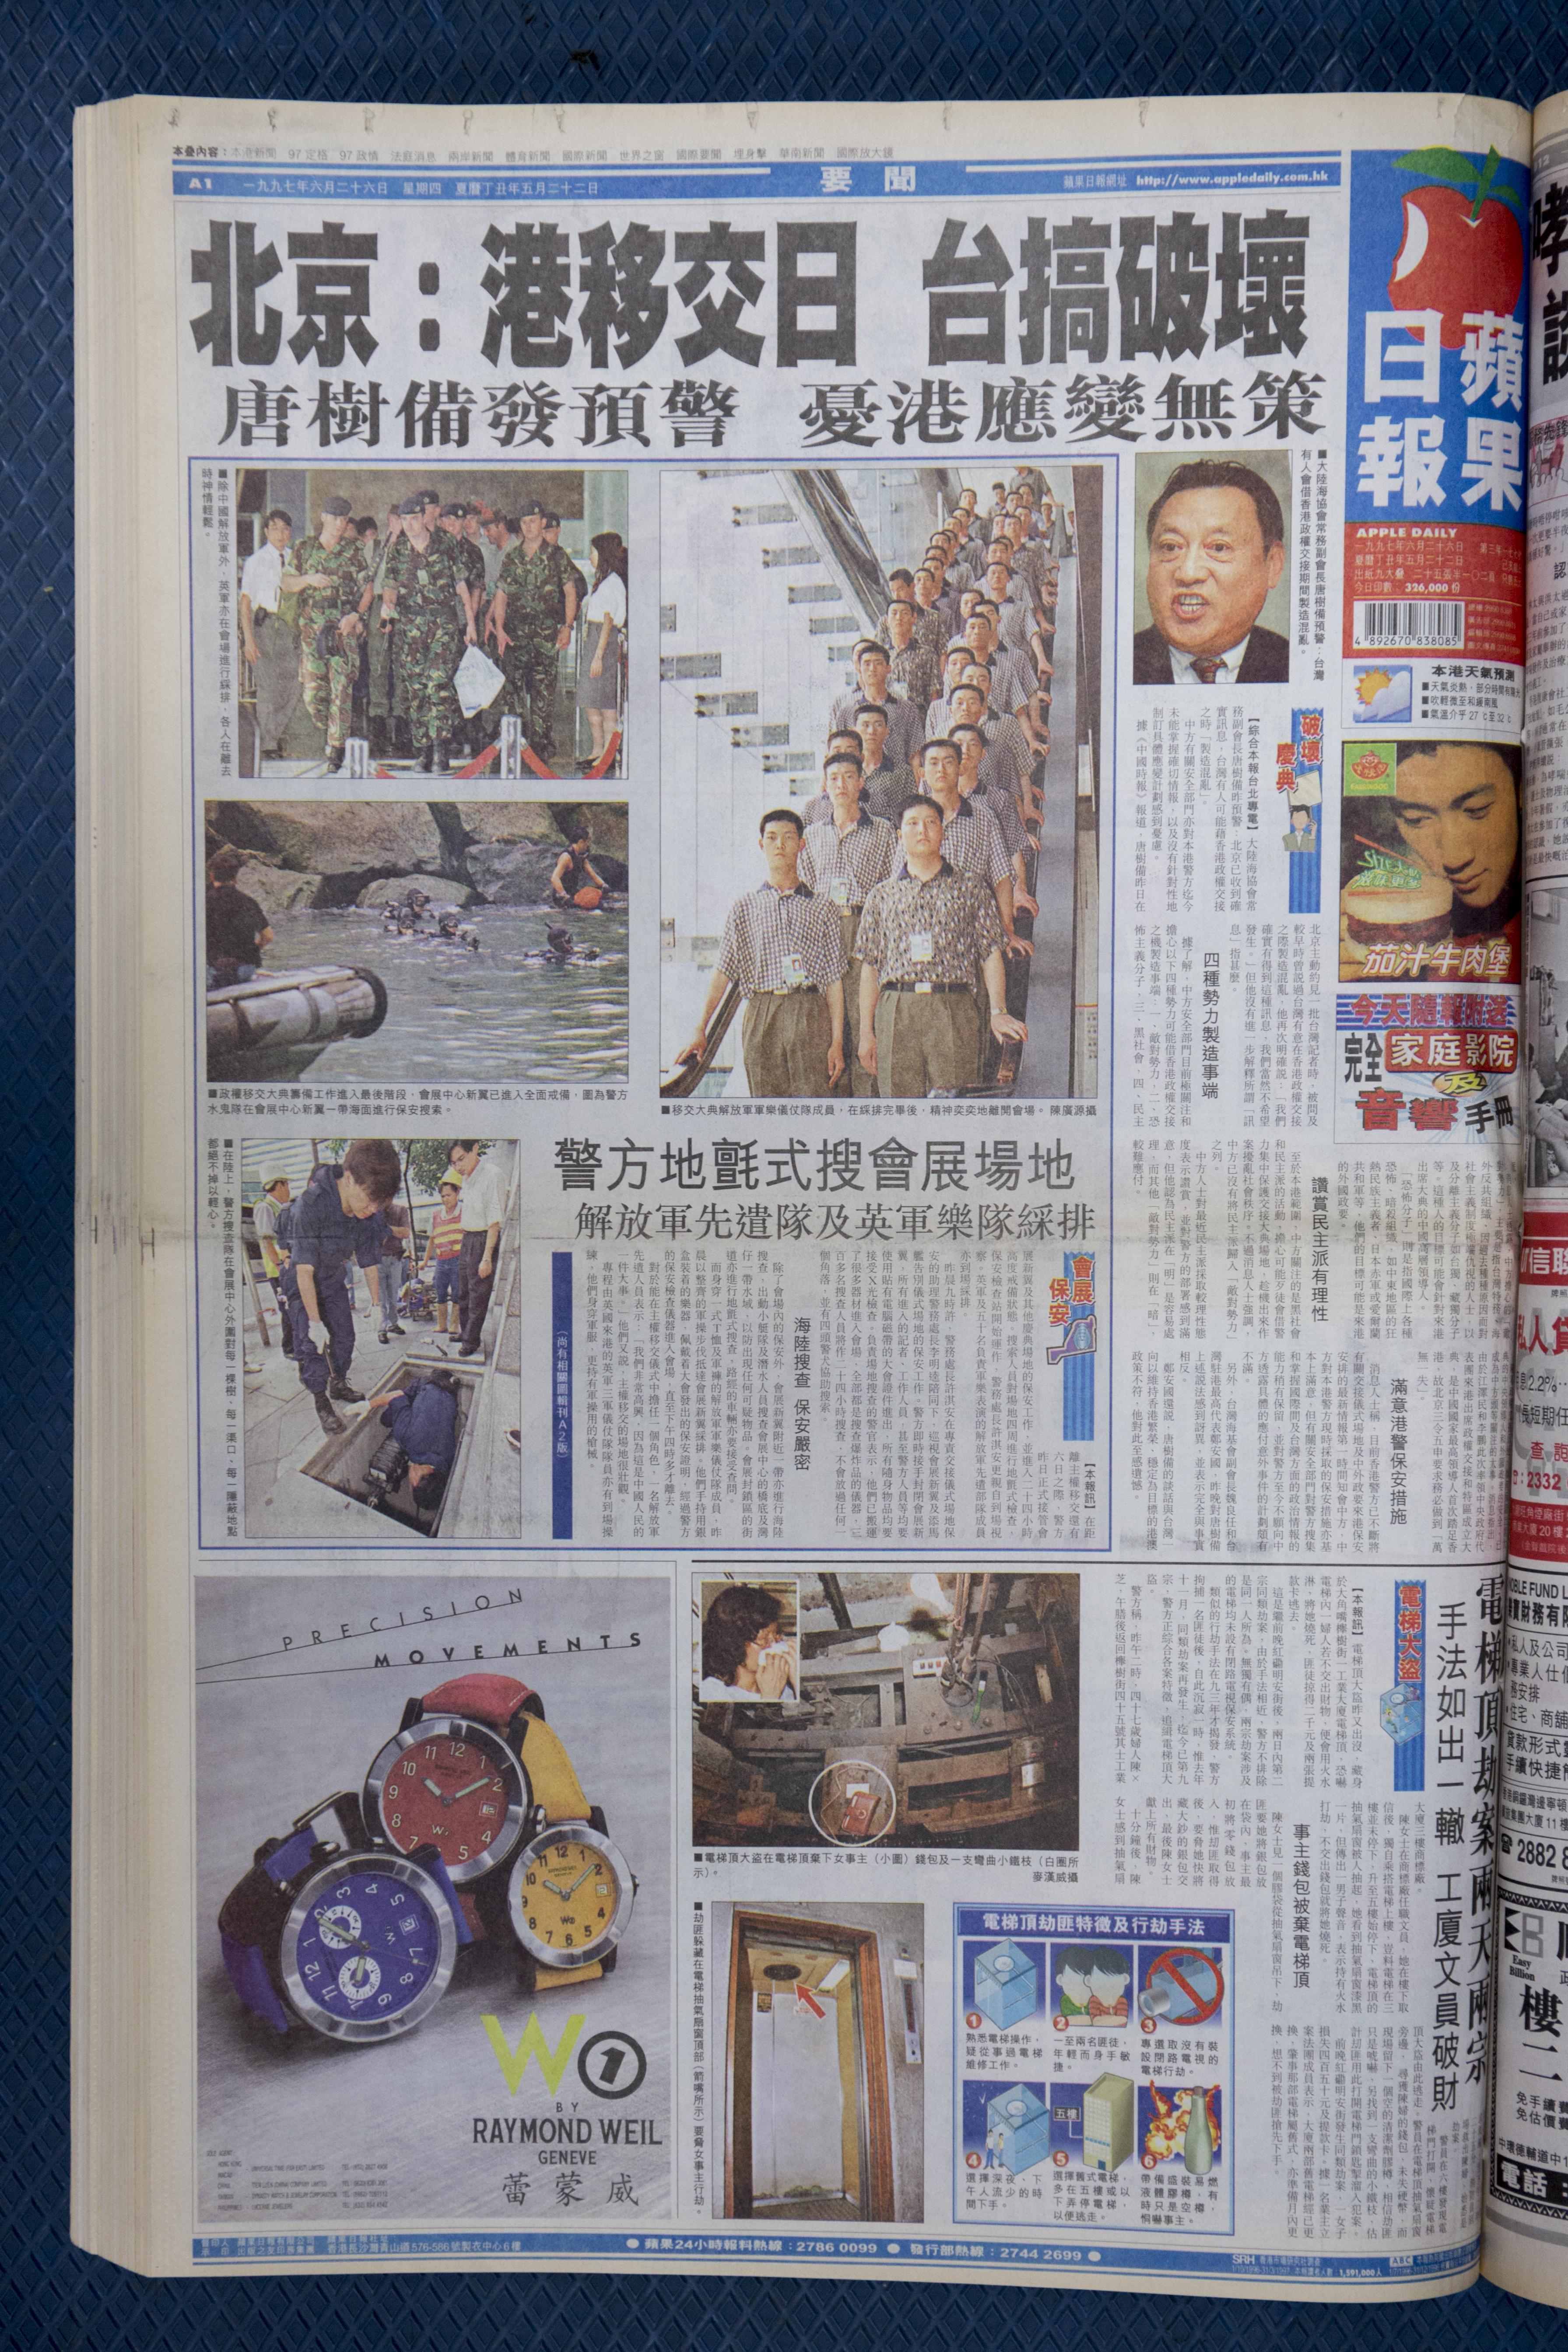 1997年6月26日,《蘋果日報》頭條是北京預警,台灣有人或會在主權移交當日製造混亂、破壞慶典。